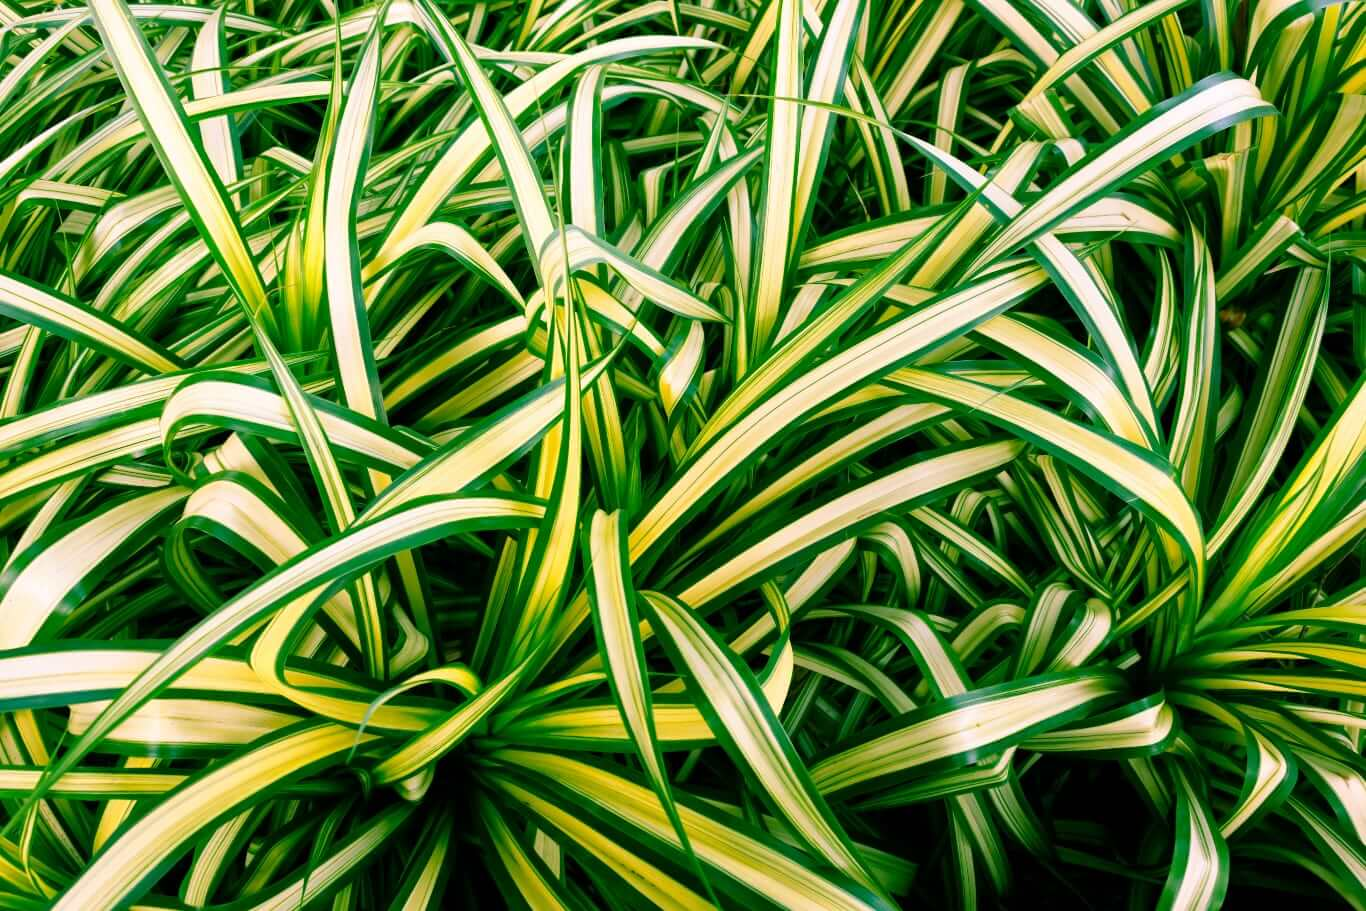 Zielistka potrafi zmniejszyć zawartość formaldehydu w powietrzu aż o 86 procent